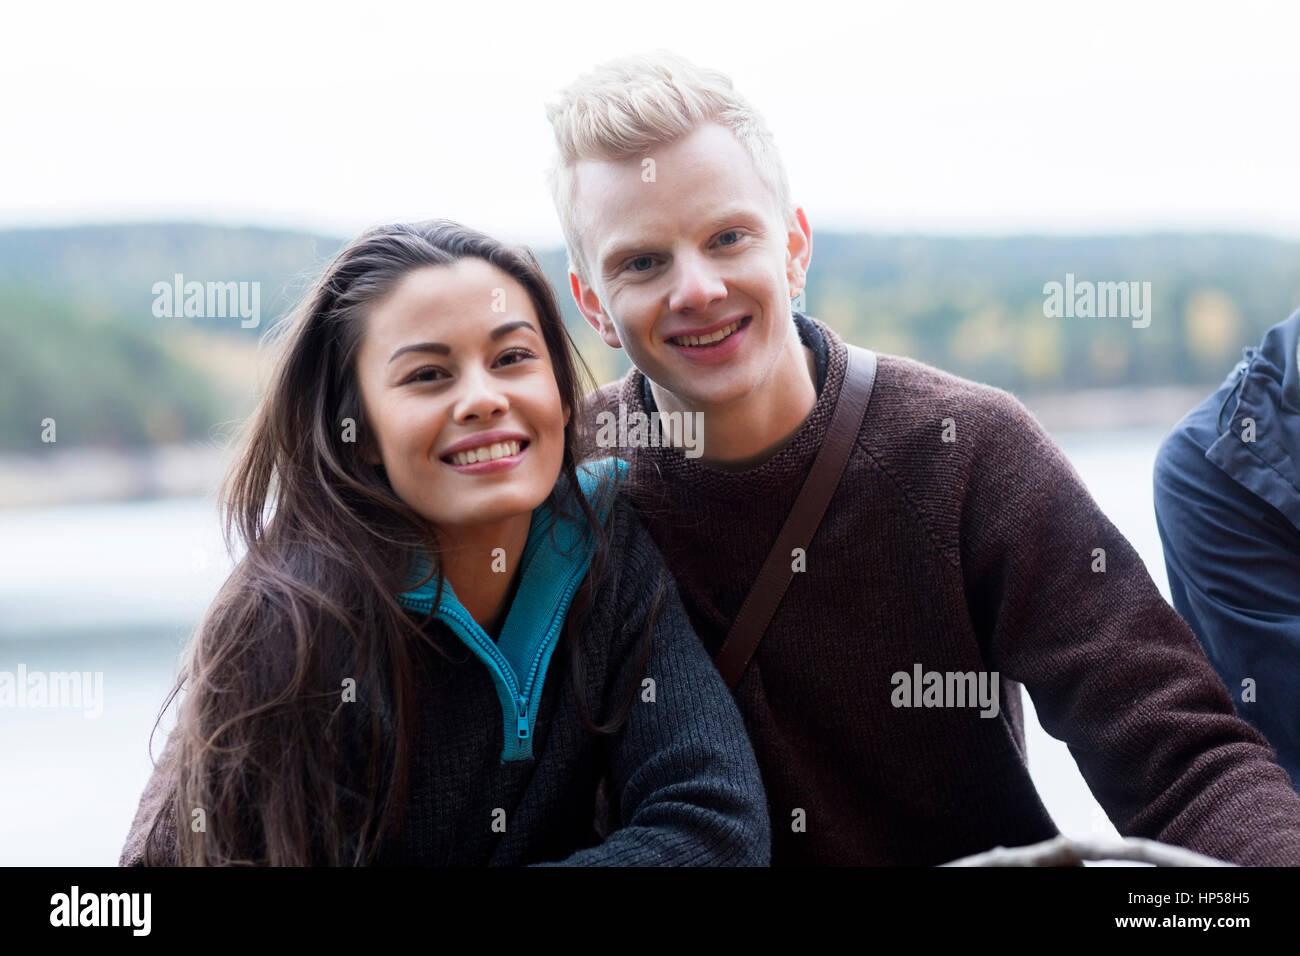 Multietnica sorridente giovane a camping sul lago Immagini Stock